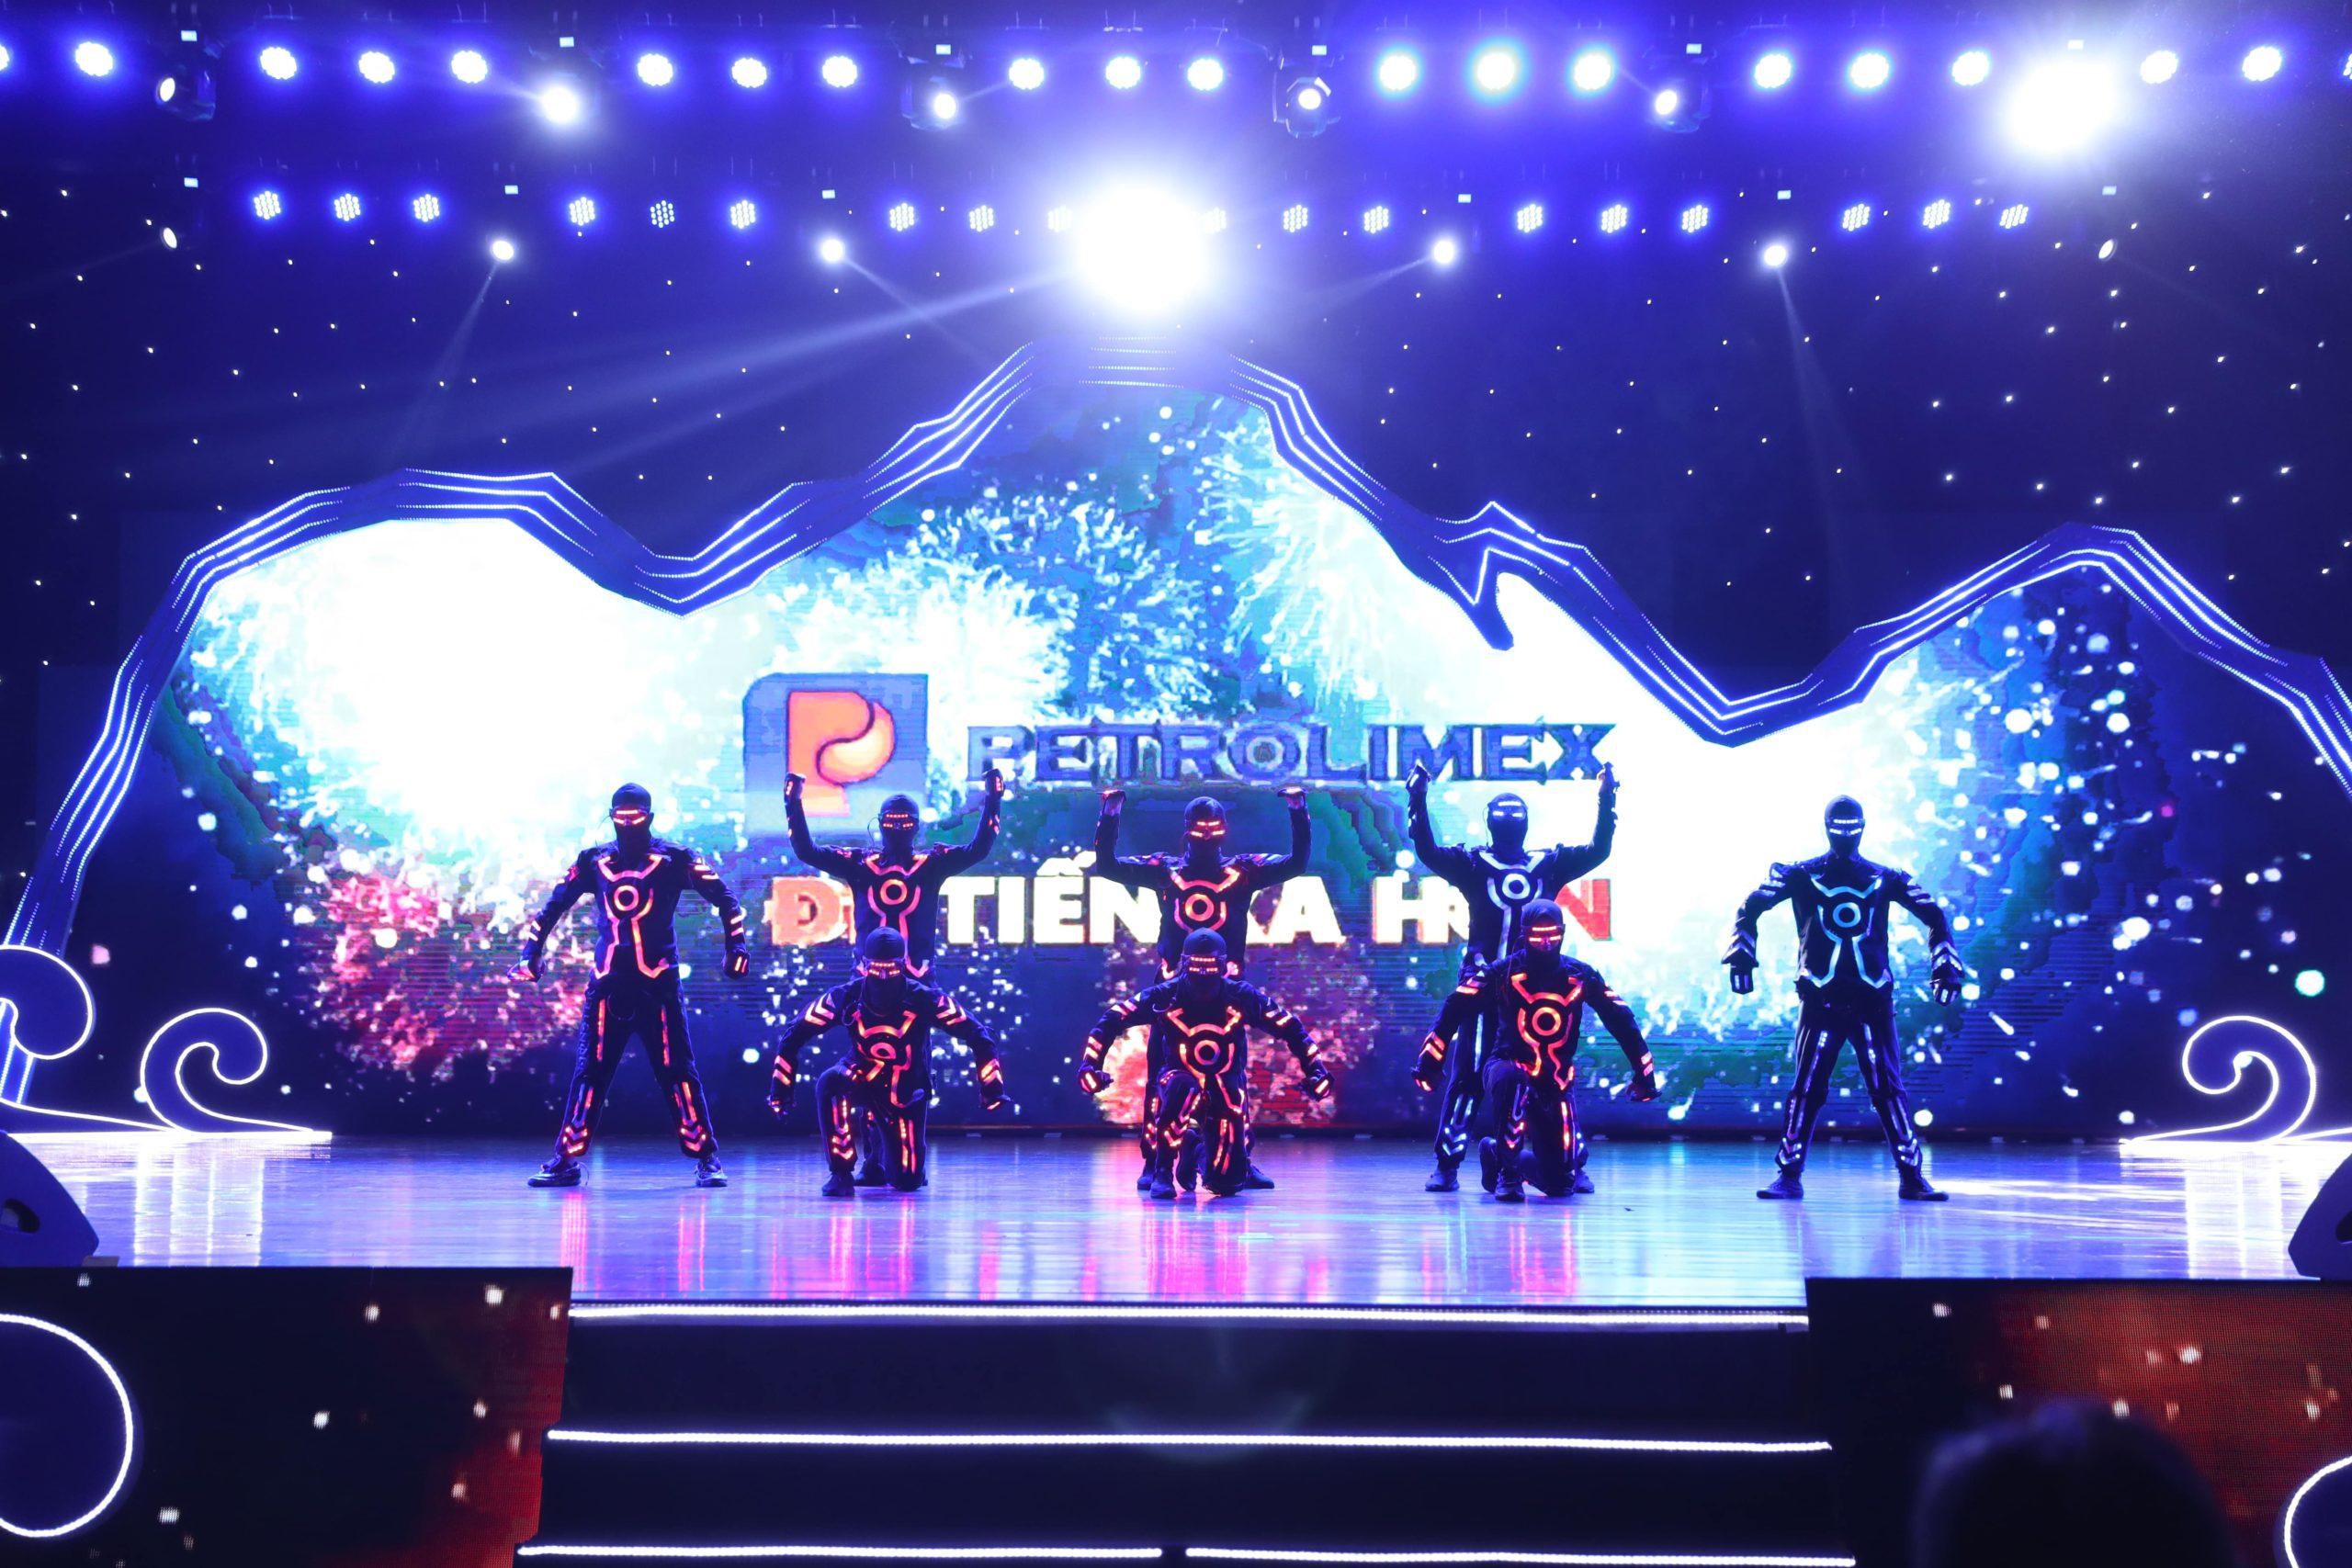 """Vũ đoàn 218 Dance Crew biểu diễn tiết mục """"Key moment"""" đầy ấn tượng chào đón Quý khách hàng."""